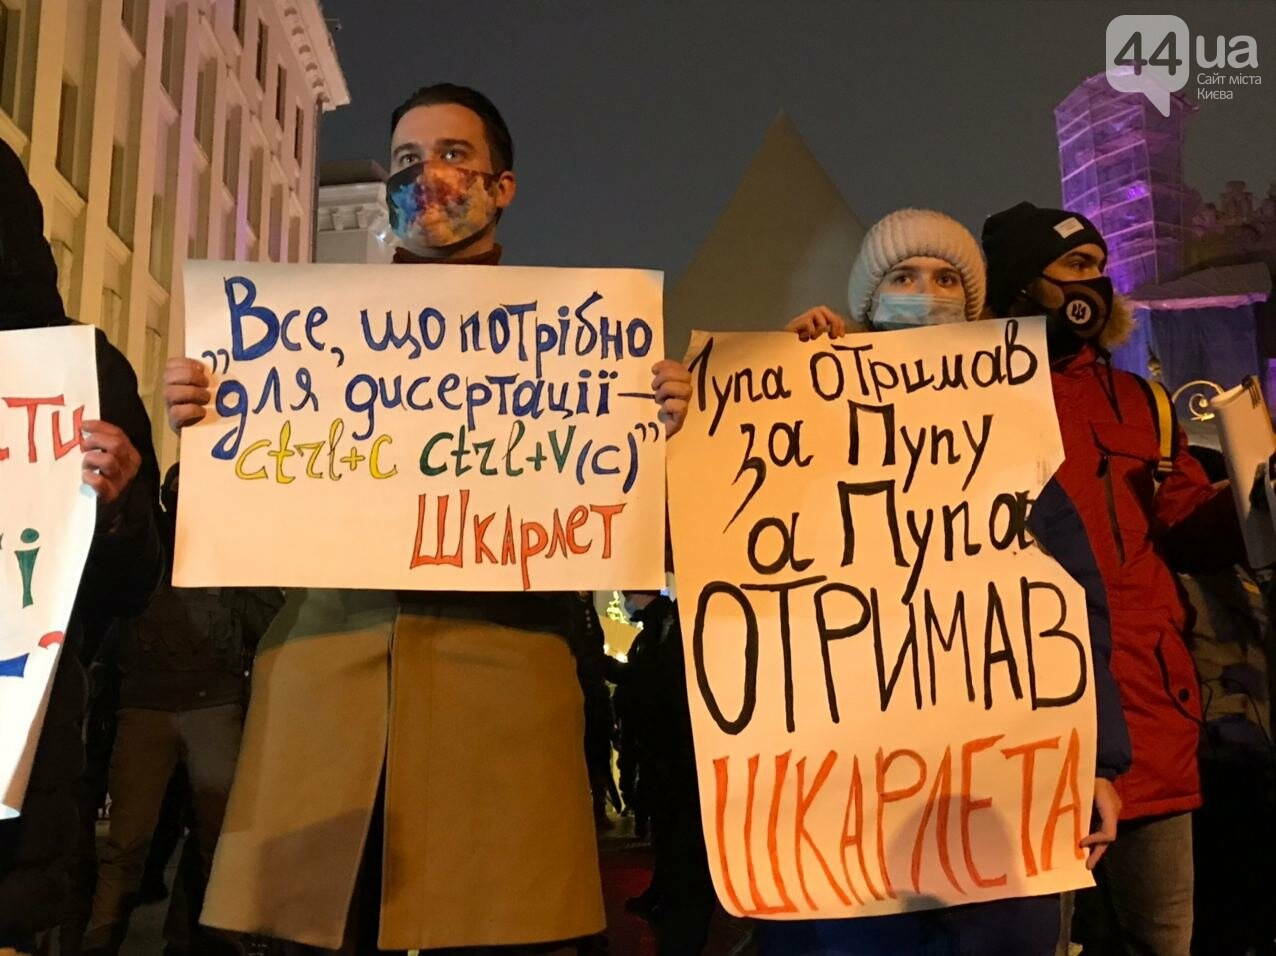 В Киеве началась акция против министра Шкарлета, Фото: 44.ua